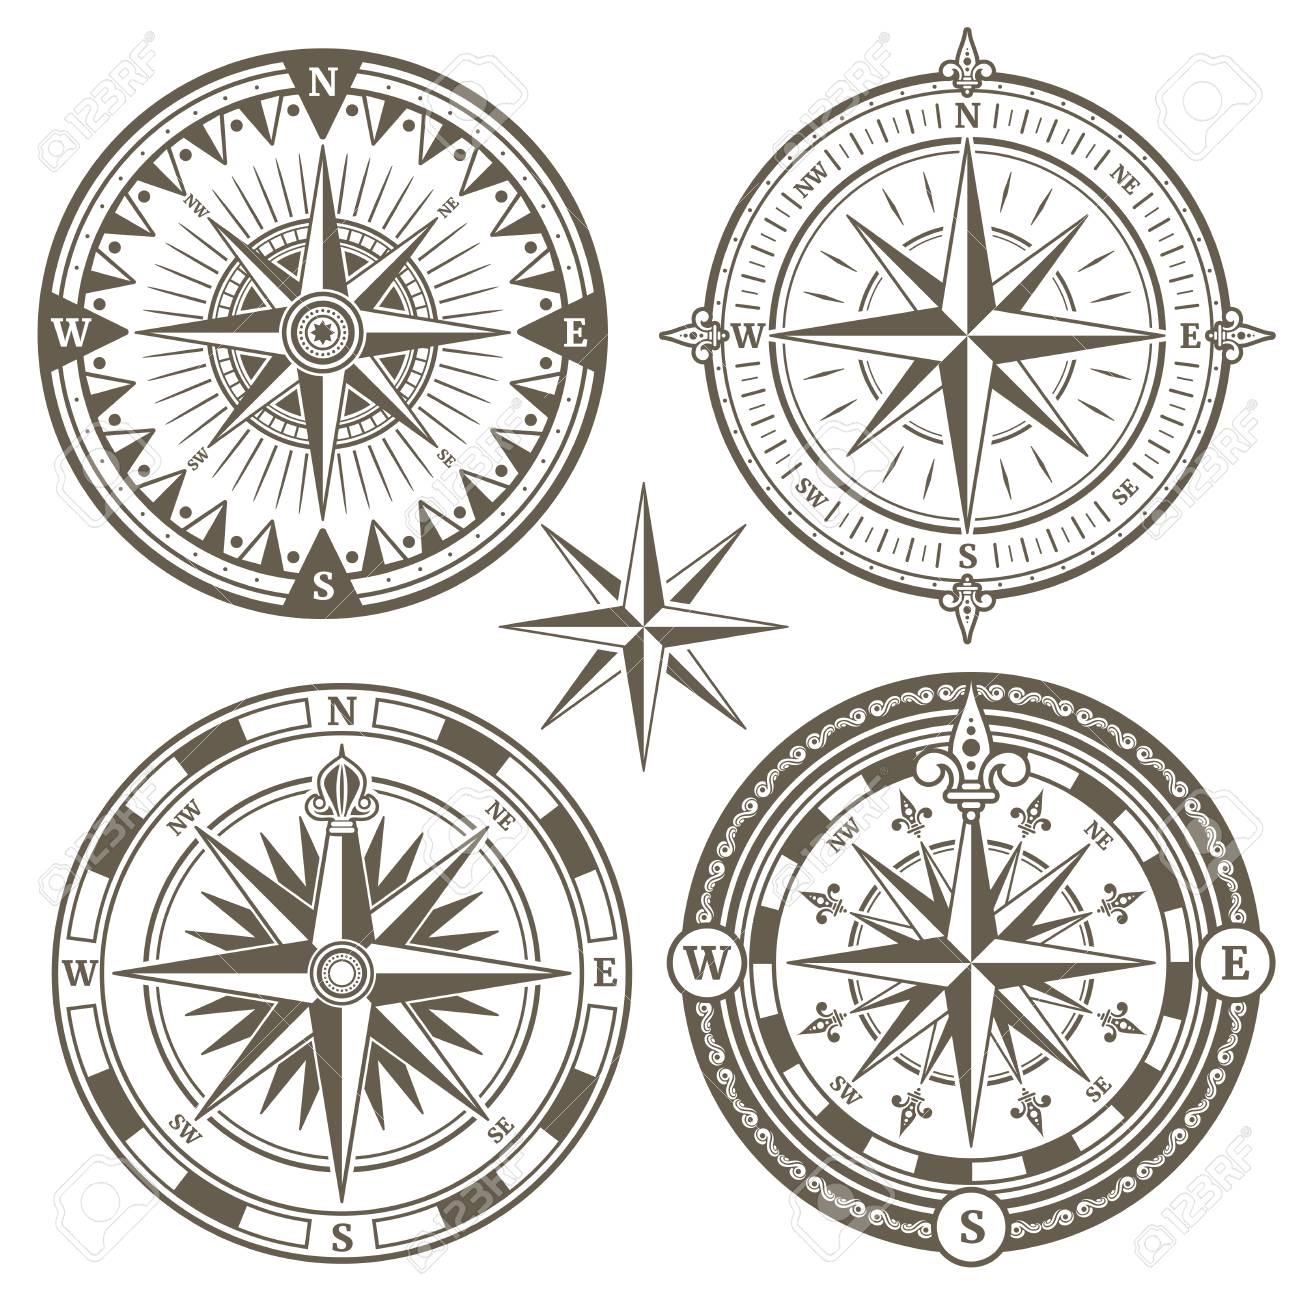 69364423-ancien-compas-de-navigation-mar